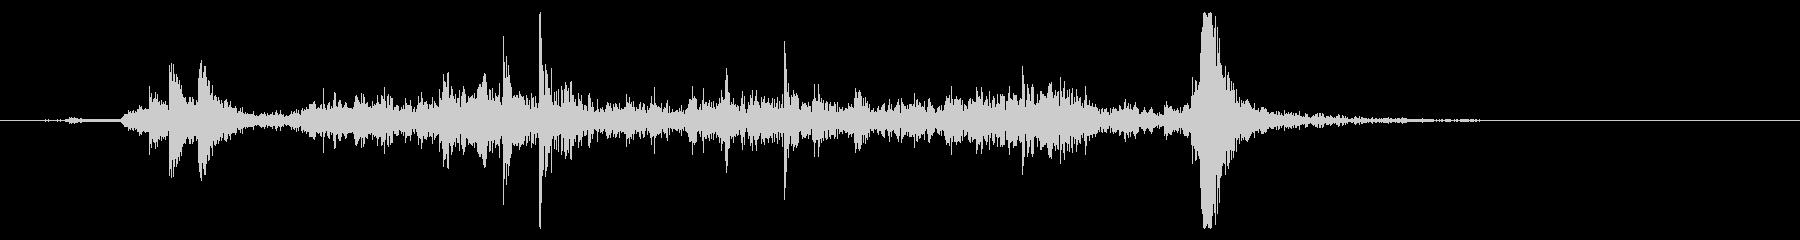 シャッターを開ける音 中型サイズの未再生の波形